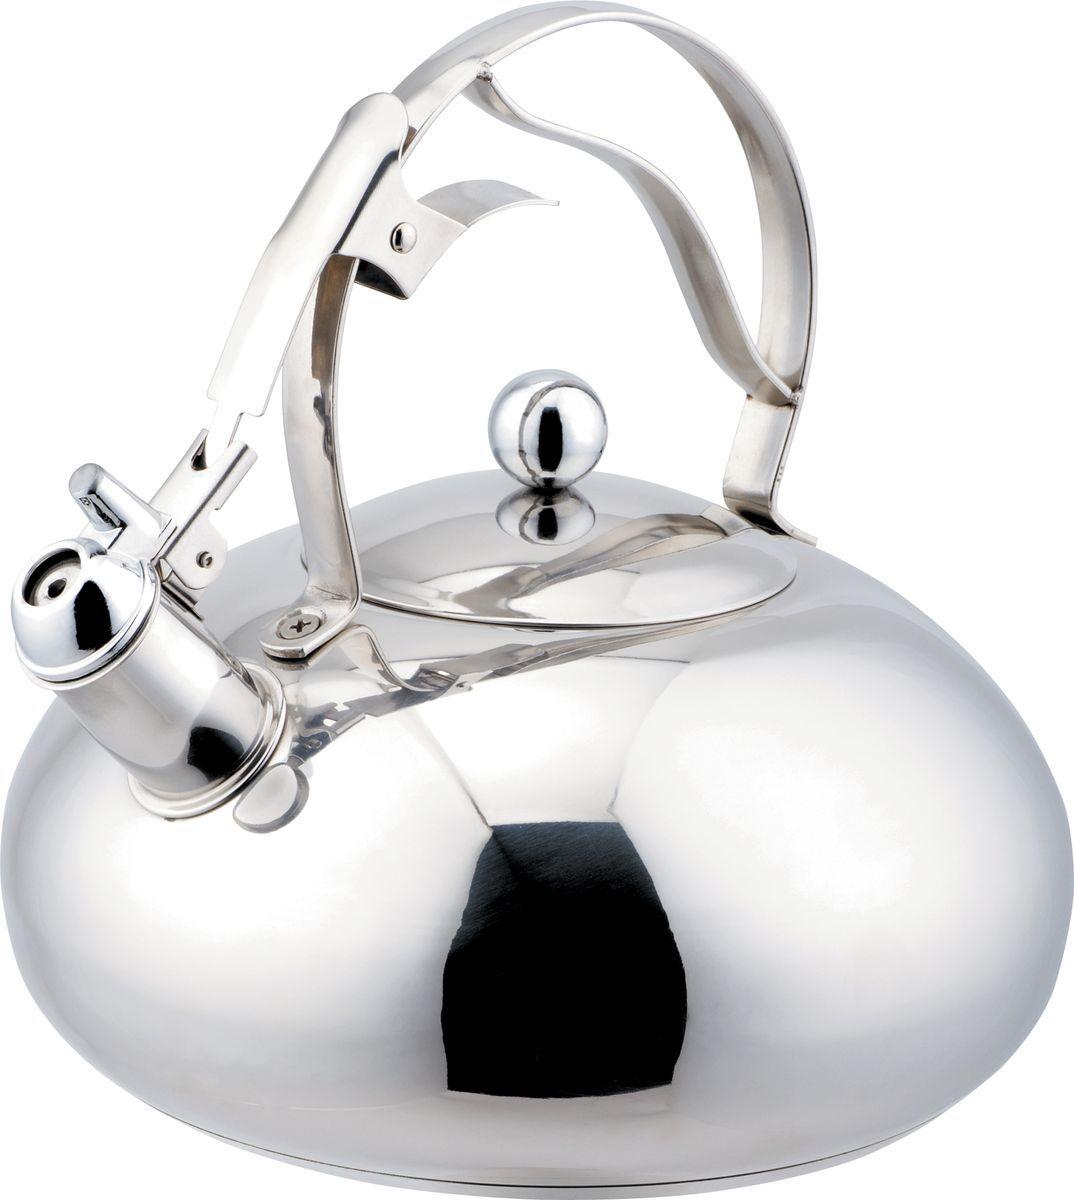 Чайник Bekker Koch, со свистком, 3 л. BK-S43368/5/2Чайник Bekker Koch изготовлен из высококачественной нержавеющей стали с зеркальной полировкой. Цельнометаллическое дно распределяет тепло по всей поверхности, что позволяет чайнику быстро закипать. Эргономичная фиксированная ручка выполнена из нержавеющей стали. Широкое отверстие по верхнему краю позволяет удобно наливать воду. Свисток открывается и закрывается нажатием кнопки на рукоятке. Подходит для всех типов плит, включая индукционные. Можно мыть в посудомоечной машине.Диаметр (по верхнему краю): 11 см. Диаметр основания: 18 см. Толщина стенки: 0,65 мм.Высота чайника (без учета ручки): 10 см. Высота чайника (с учетом ручки): 22 см.